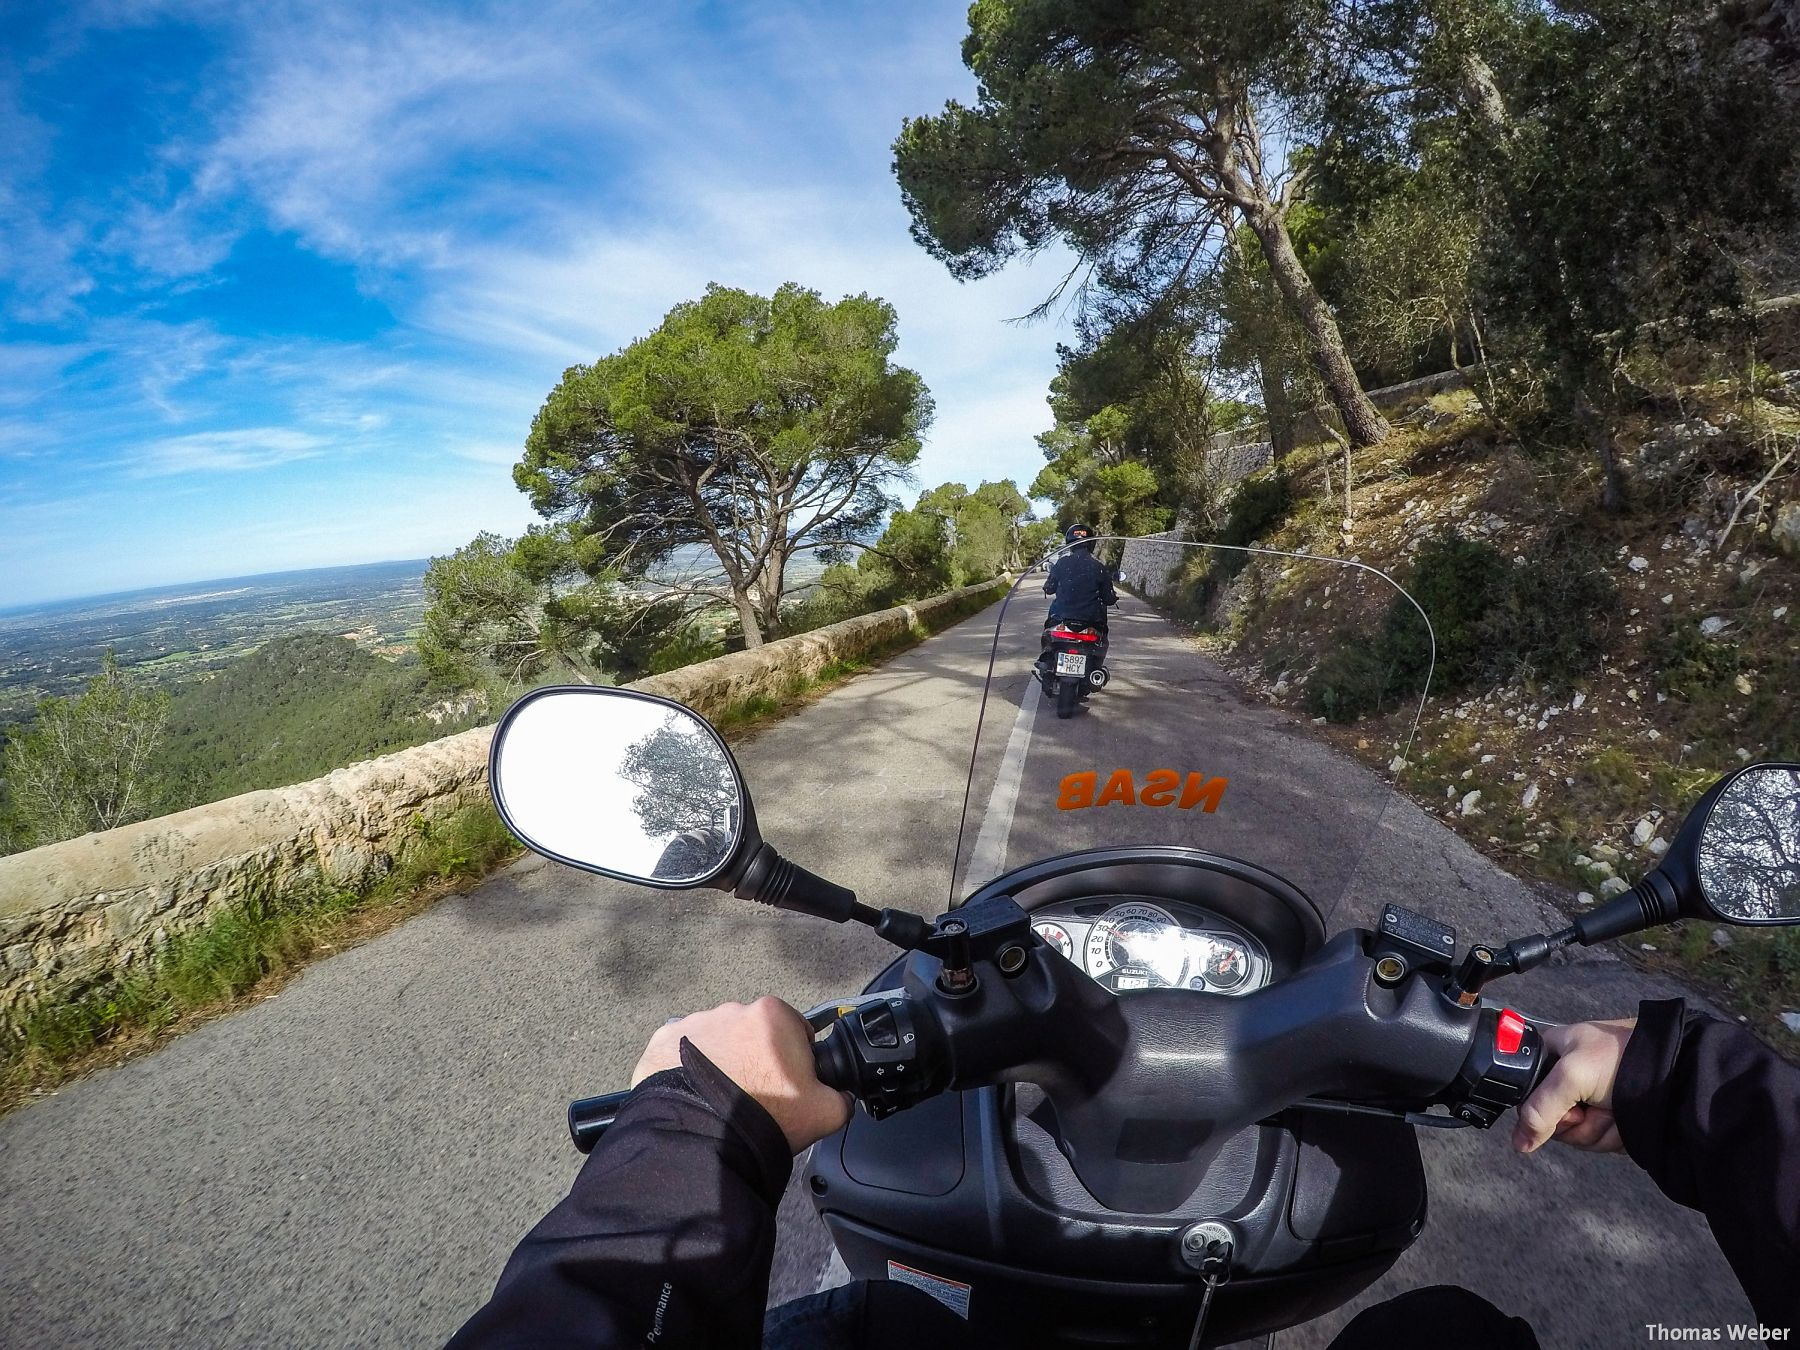 Fotograf Thomas Weber aus Oldenburg: Diverse Touren mit 125er Rollern im Frühjahr über Mallorca